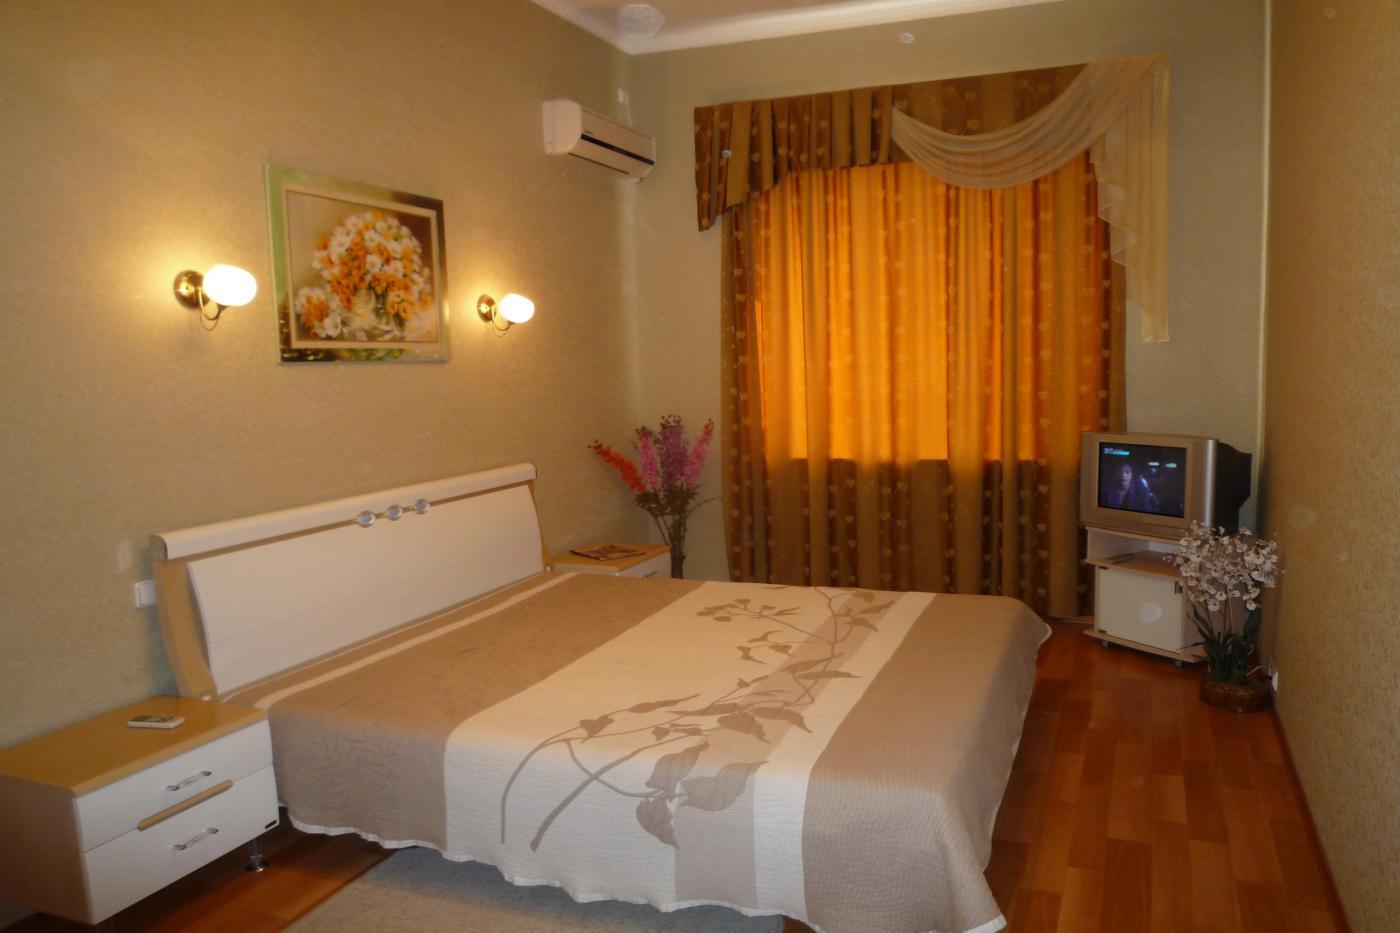 3-комнатная квартира посуточно (вариант № 1590), ул. Ленина улица, фото № 6